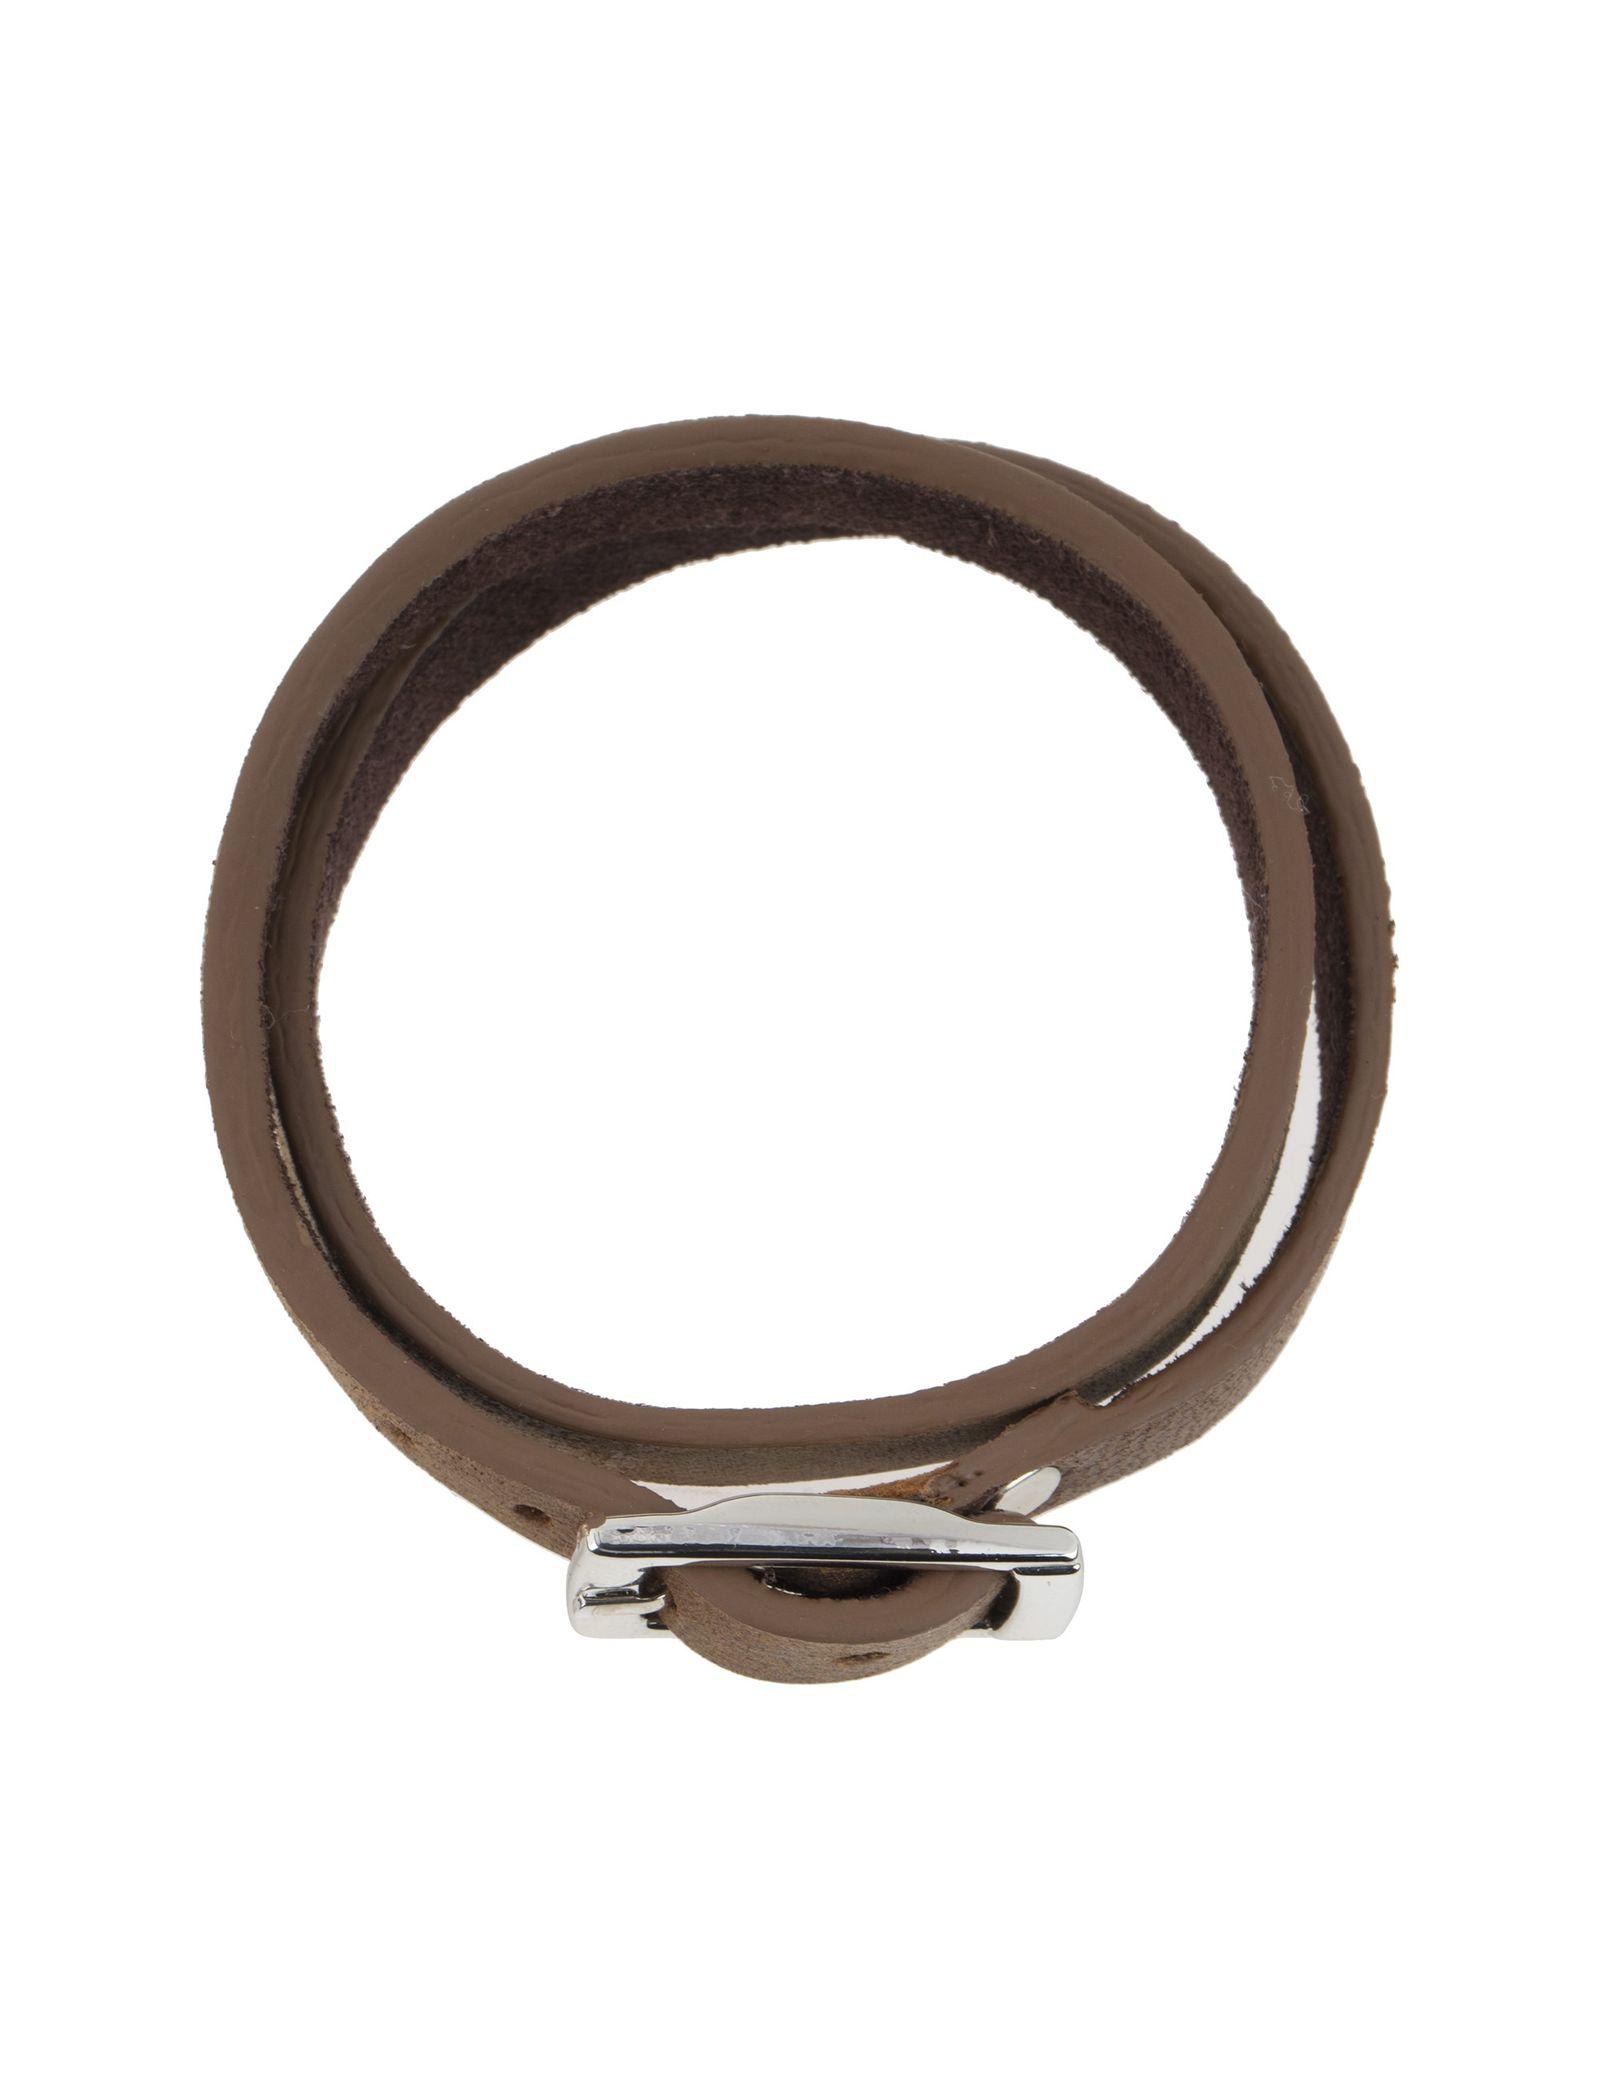 دستبند چرم مردانه - ماکو دیزاین سایز 42 cm - قهوه اي روشن - 2